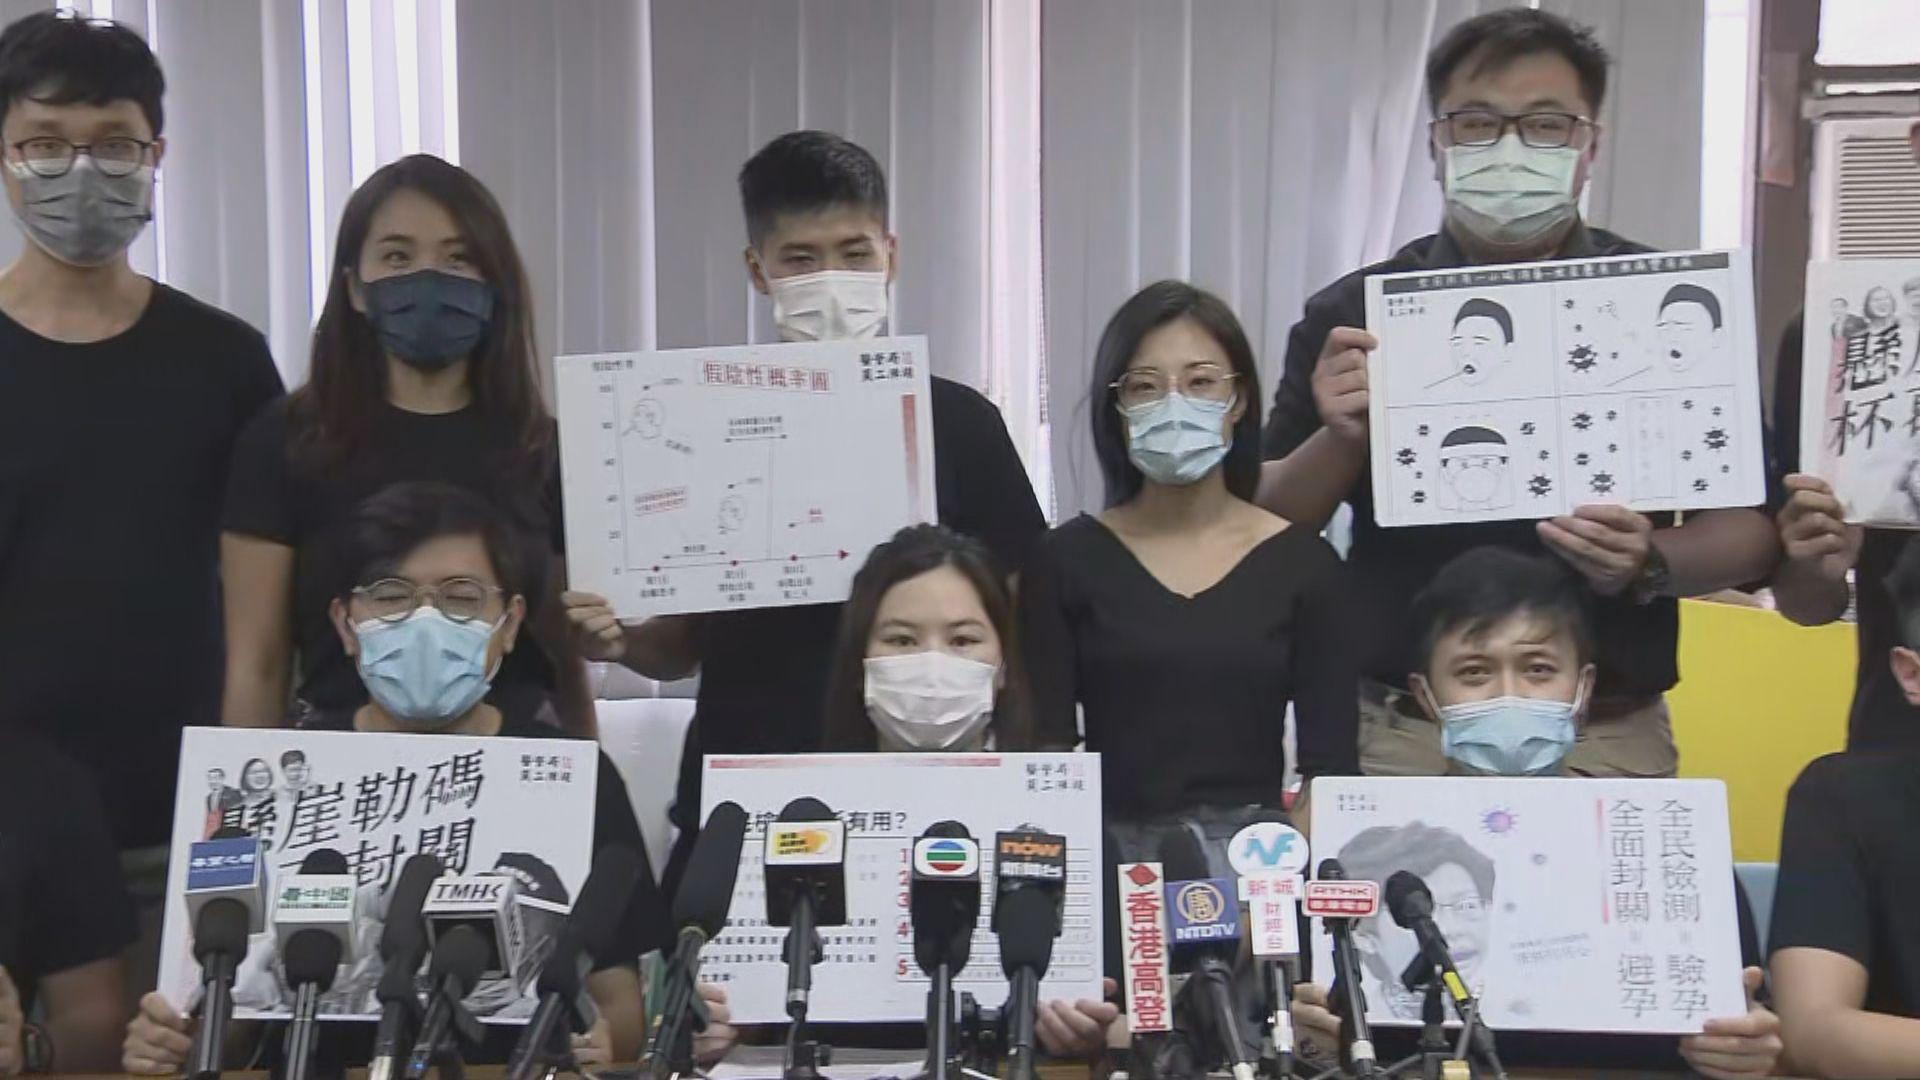 林鄭:檢測助抗疫及減醫管局壓力 外界不應再爭取封關